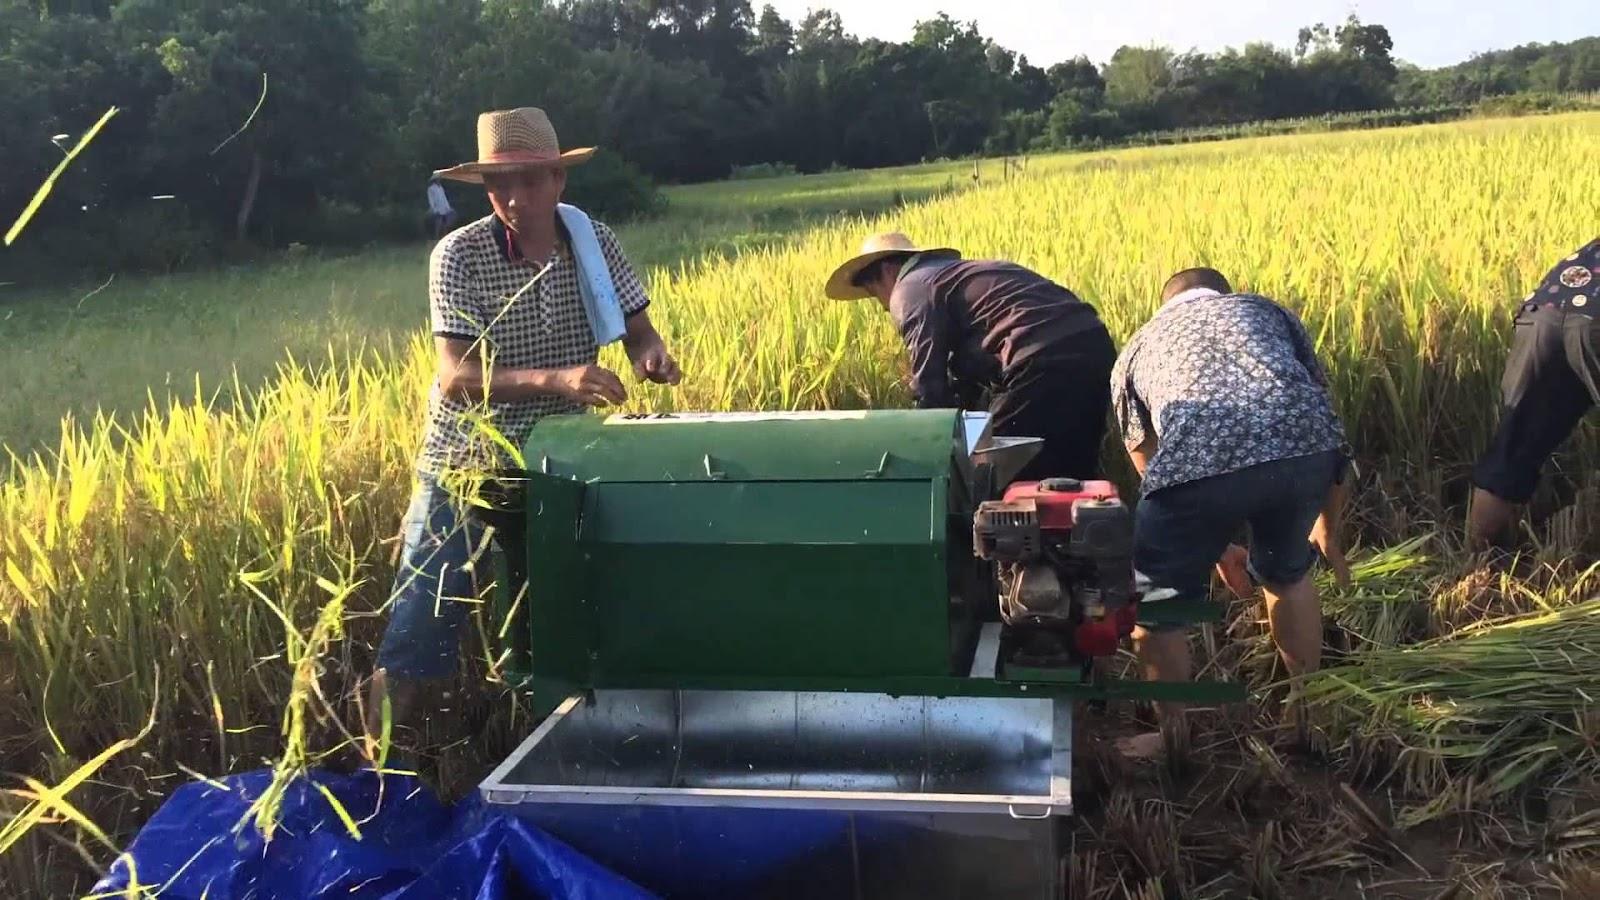 Máy nông nghiệp mini – Bạn đồng hành cùng nhà nông trên mọi nẻo đường.